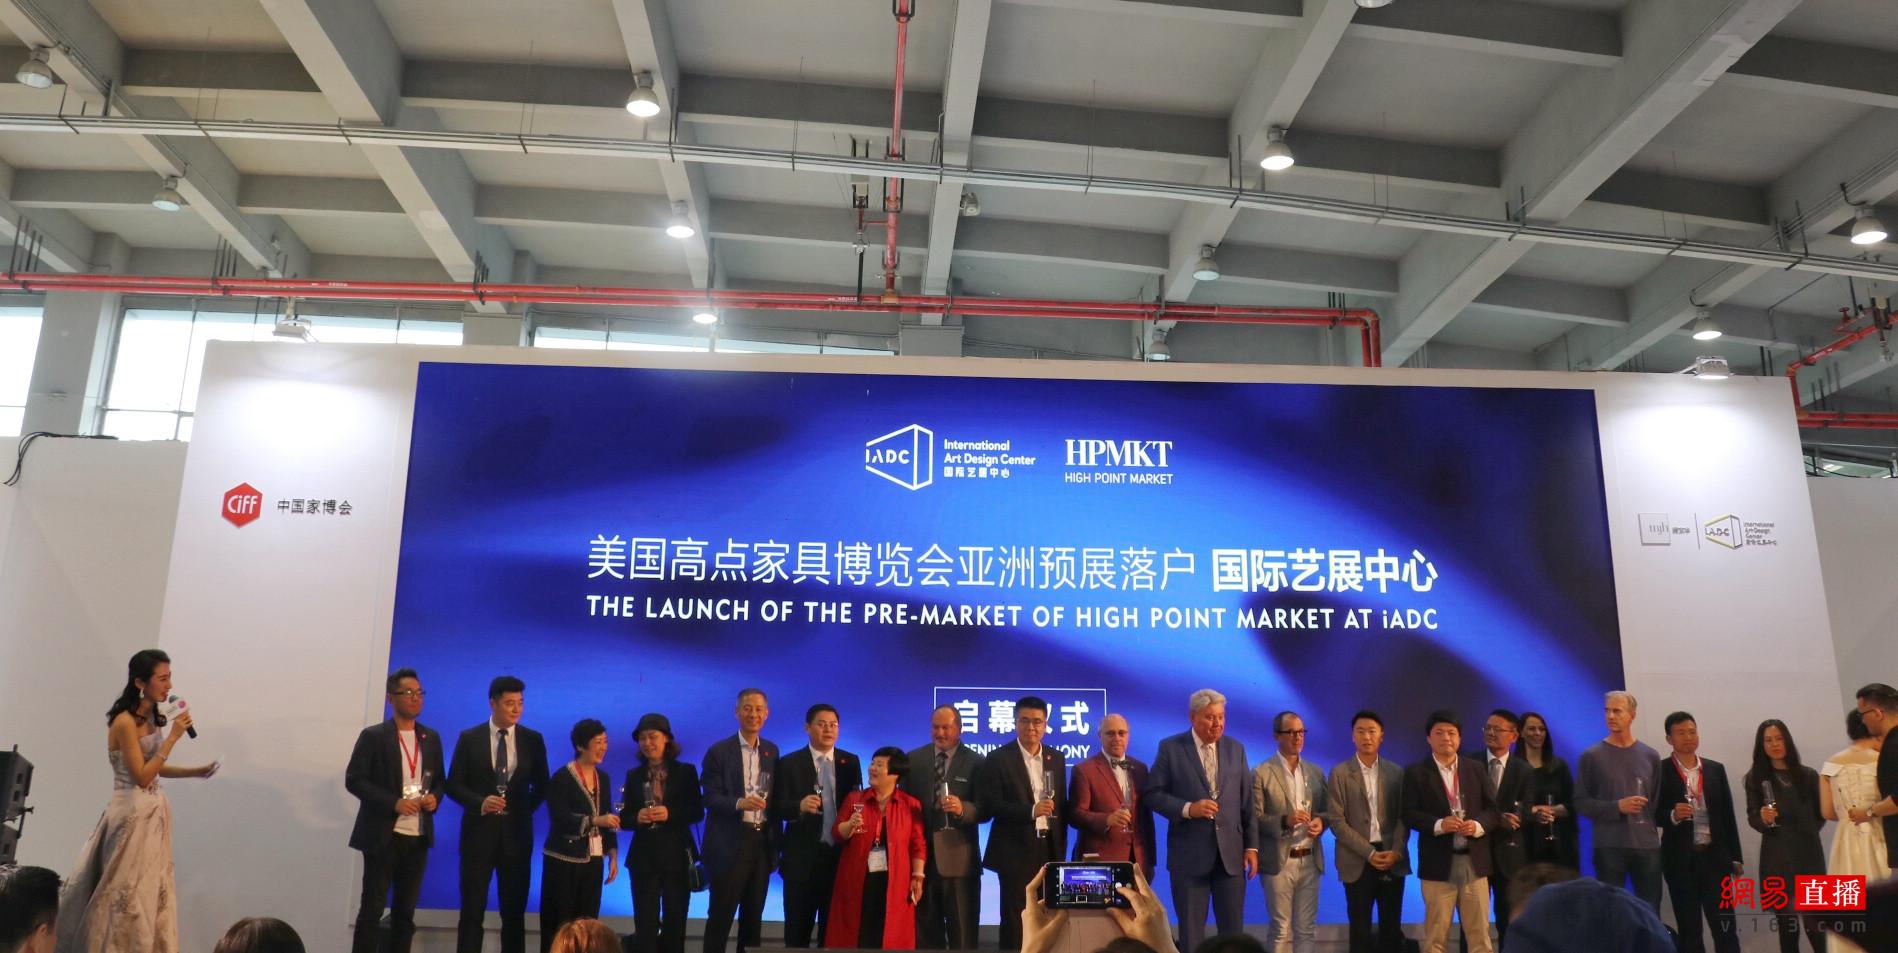 嘉宾共同举杯,庆祝美国高点家具博览会亚洲预展落户国际艺展中心。